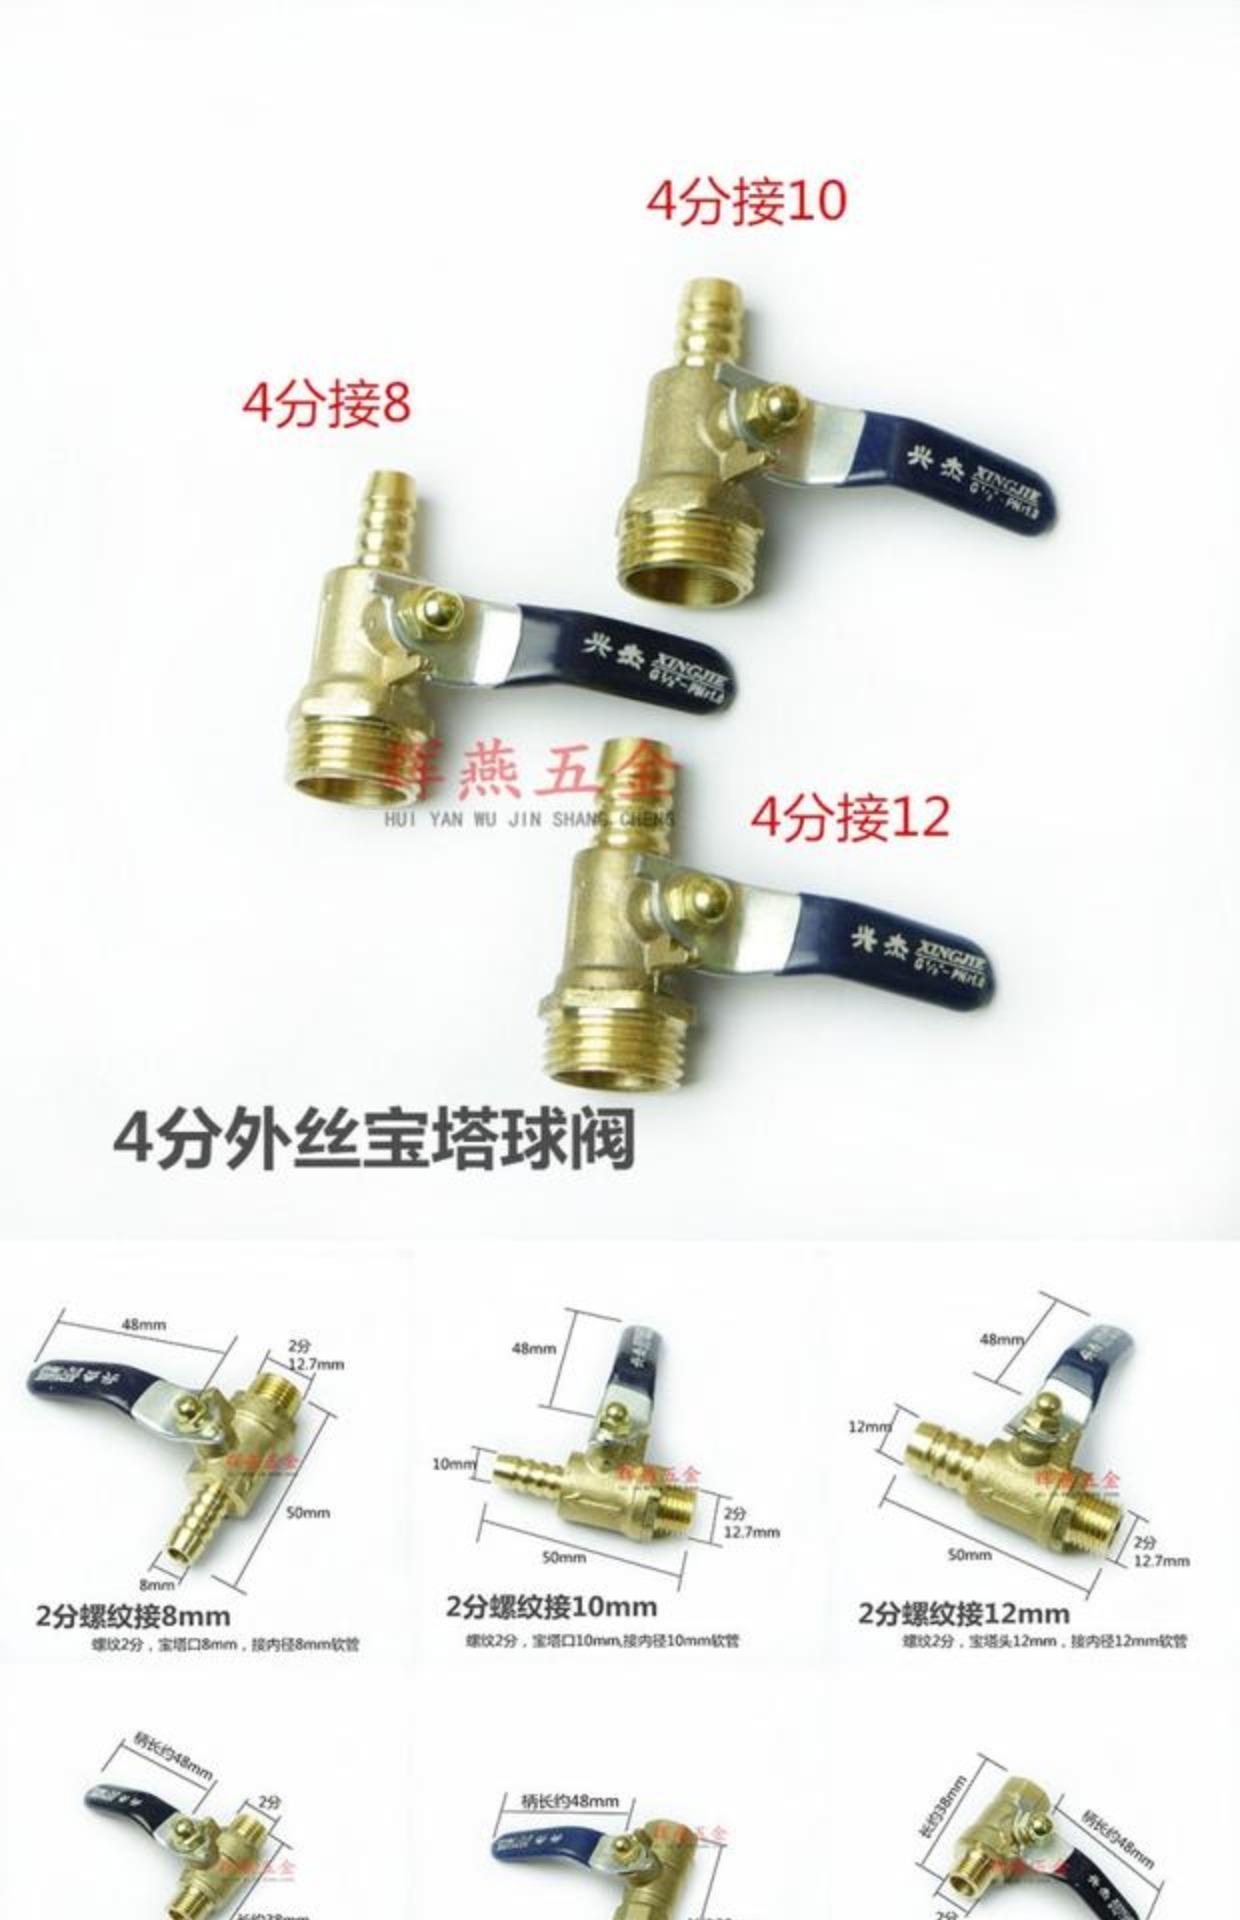 兴杰铜球阀 水阀气阀2分1/4螺纹加厚 气泵空气压缩机配件气阀开关图片